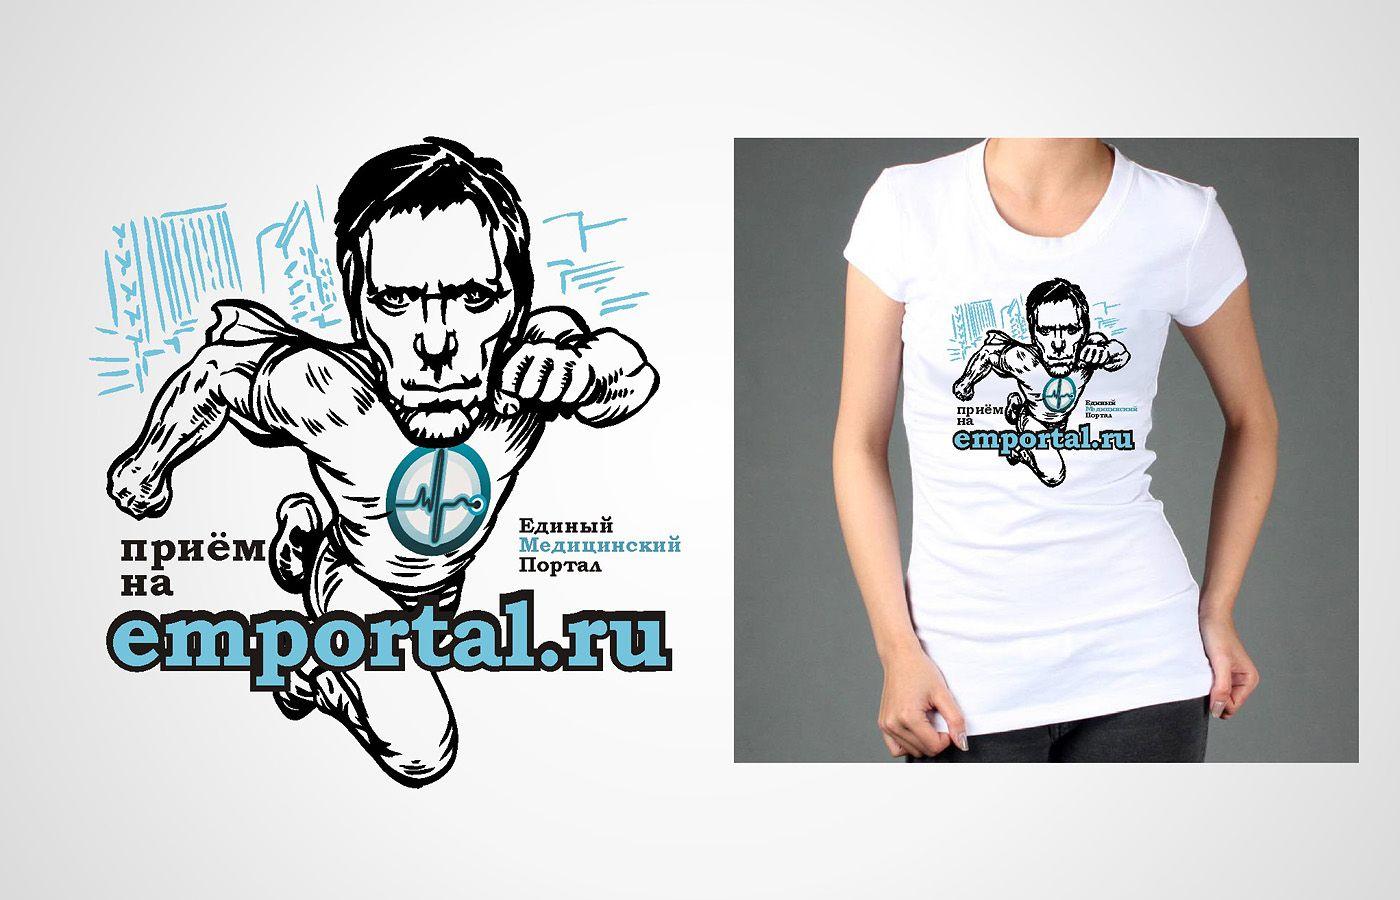 Разработка принтов для футболок - дизайнер Zheravin